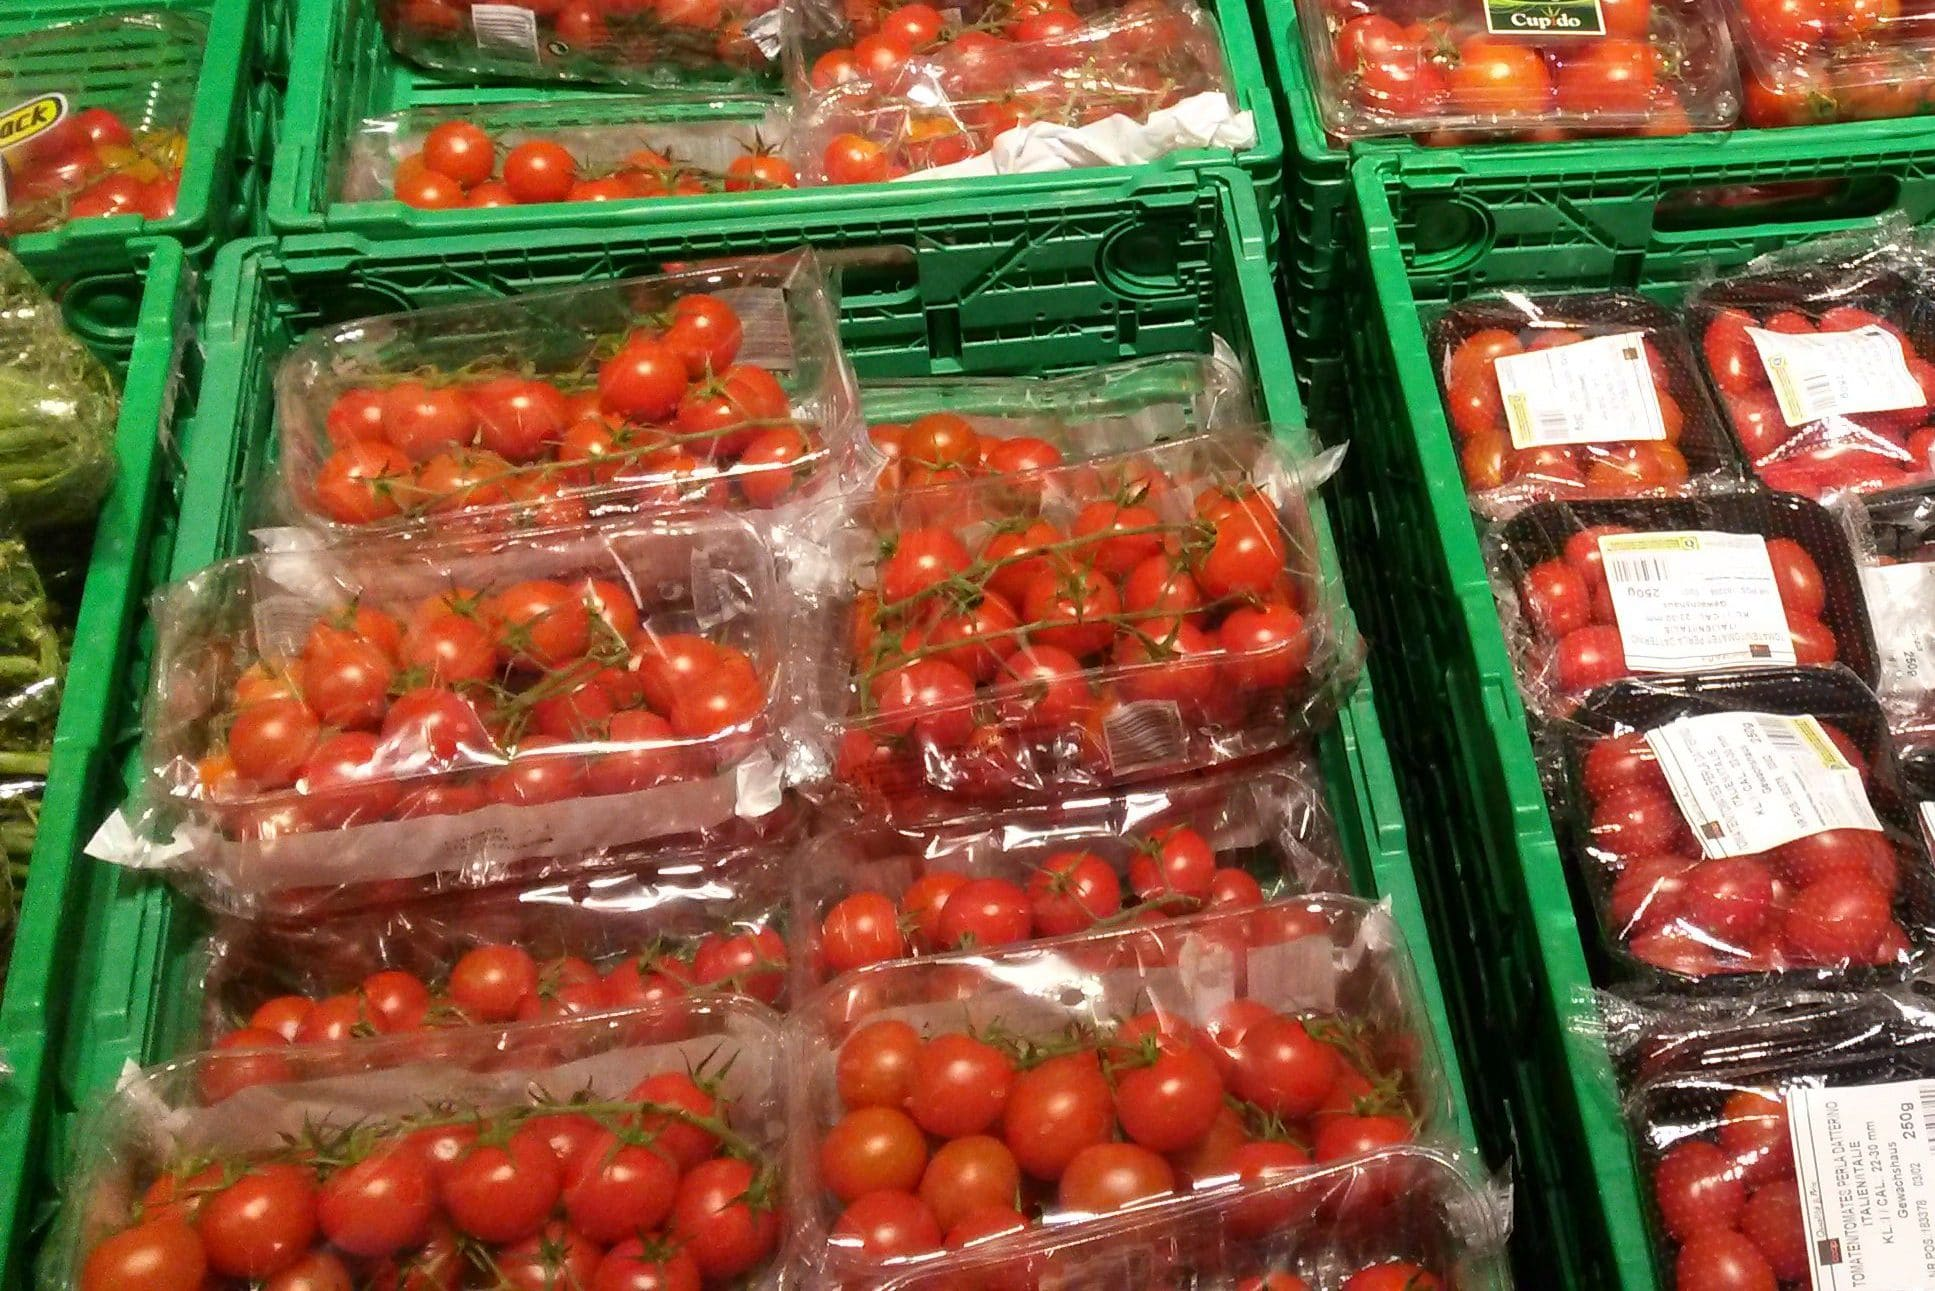 Cherrytomaten mit Plastikverpackung in Harassen in einem Supermarkt.